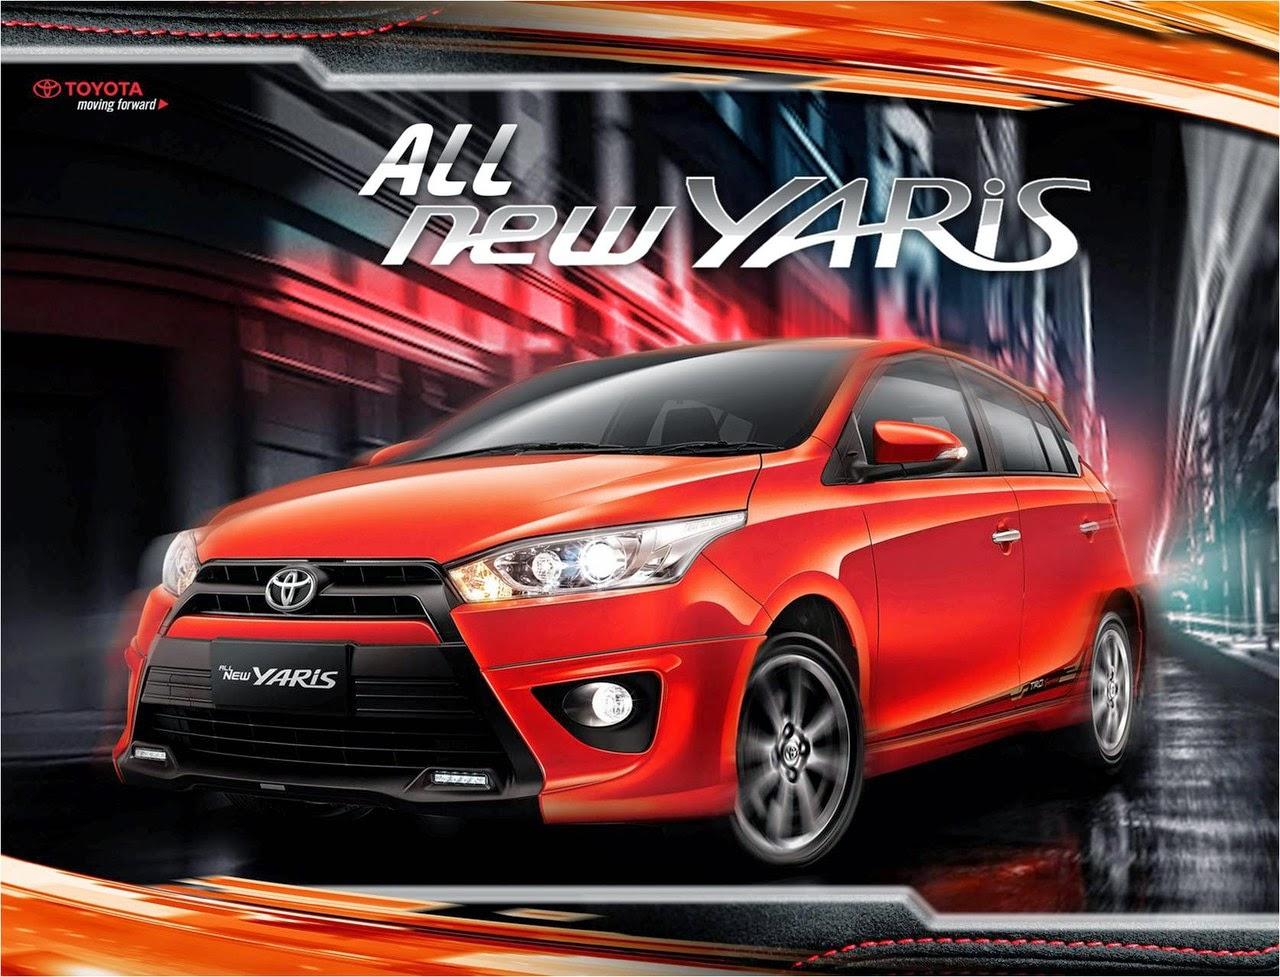 Harga Dan Spesifikasi Mobil Toyota All New Yaris